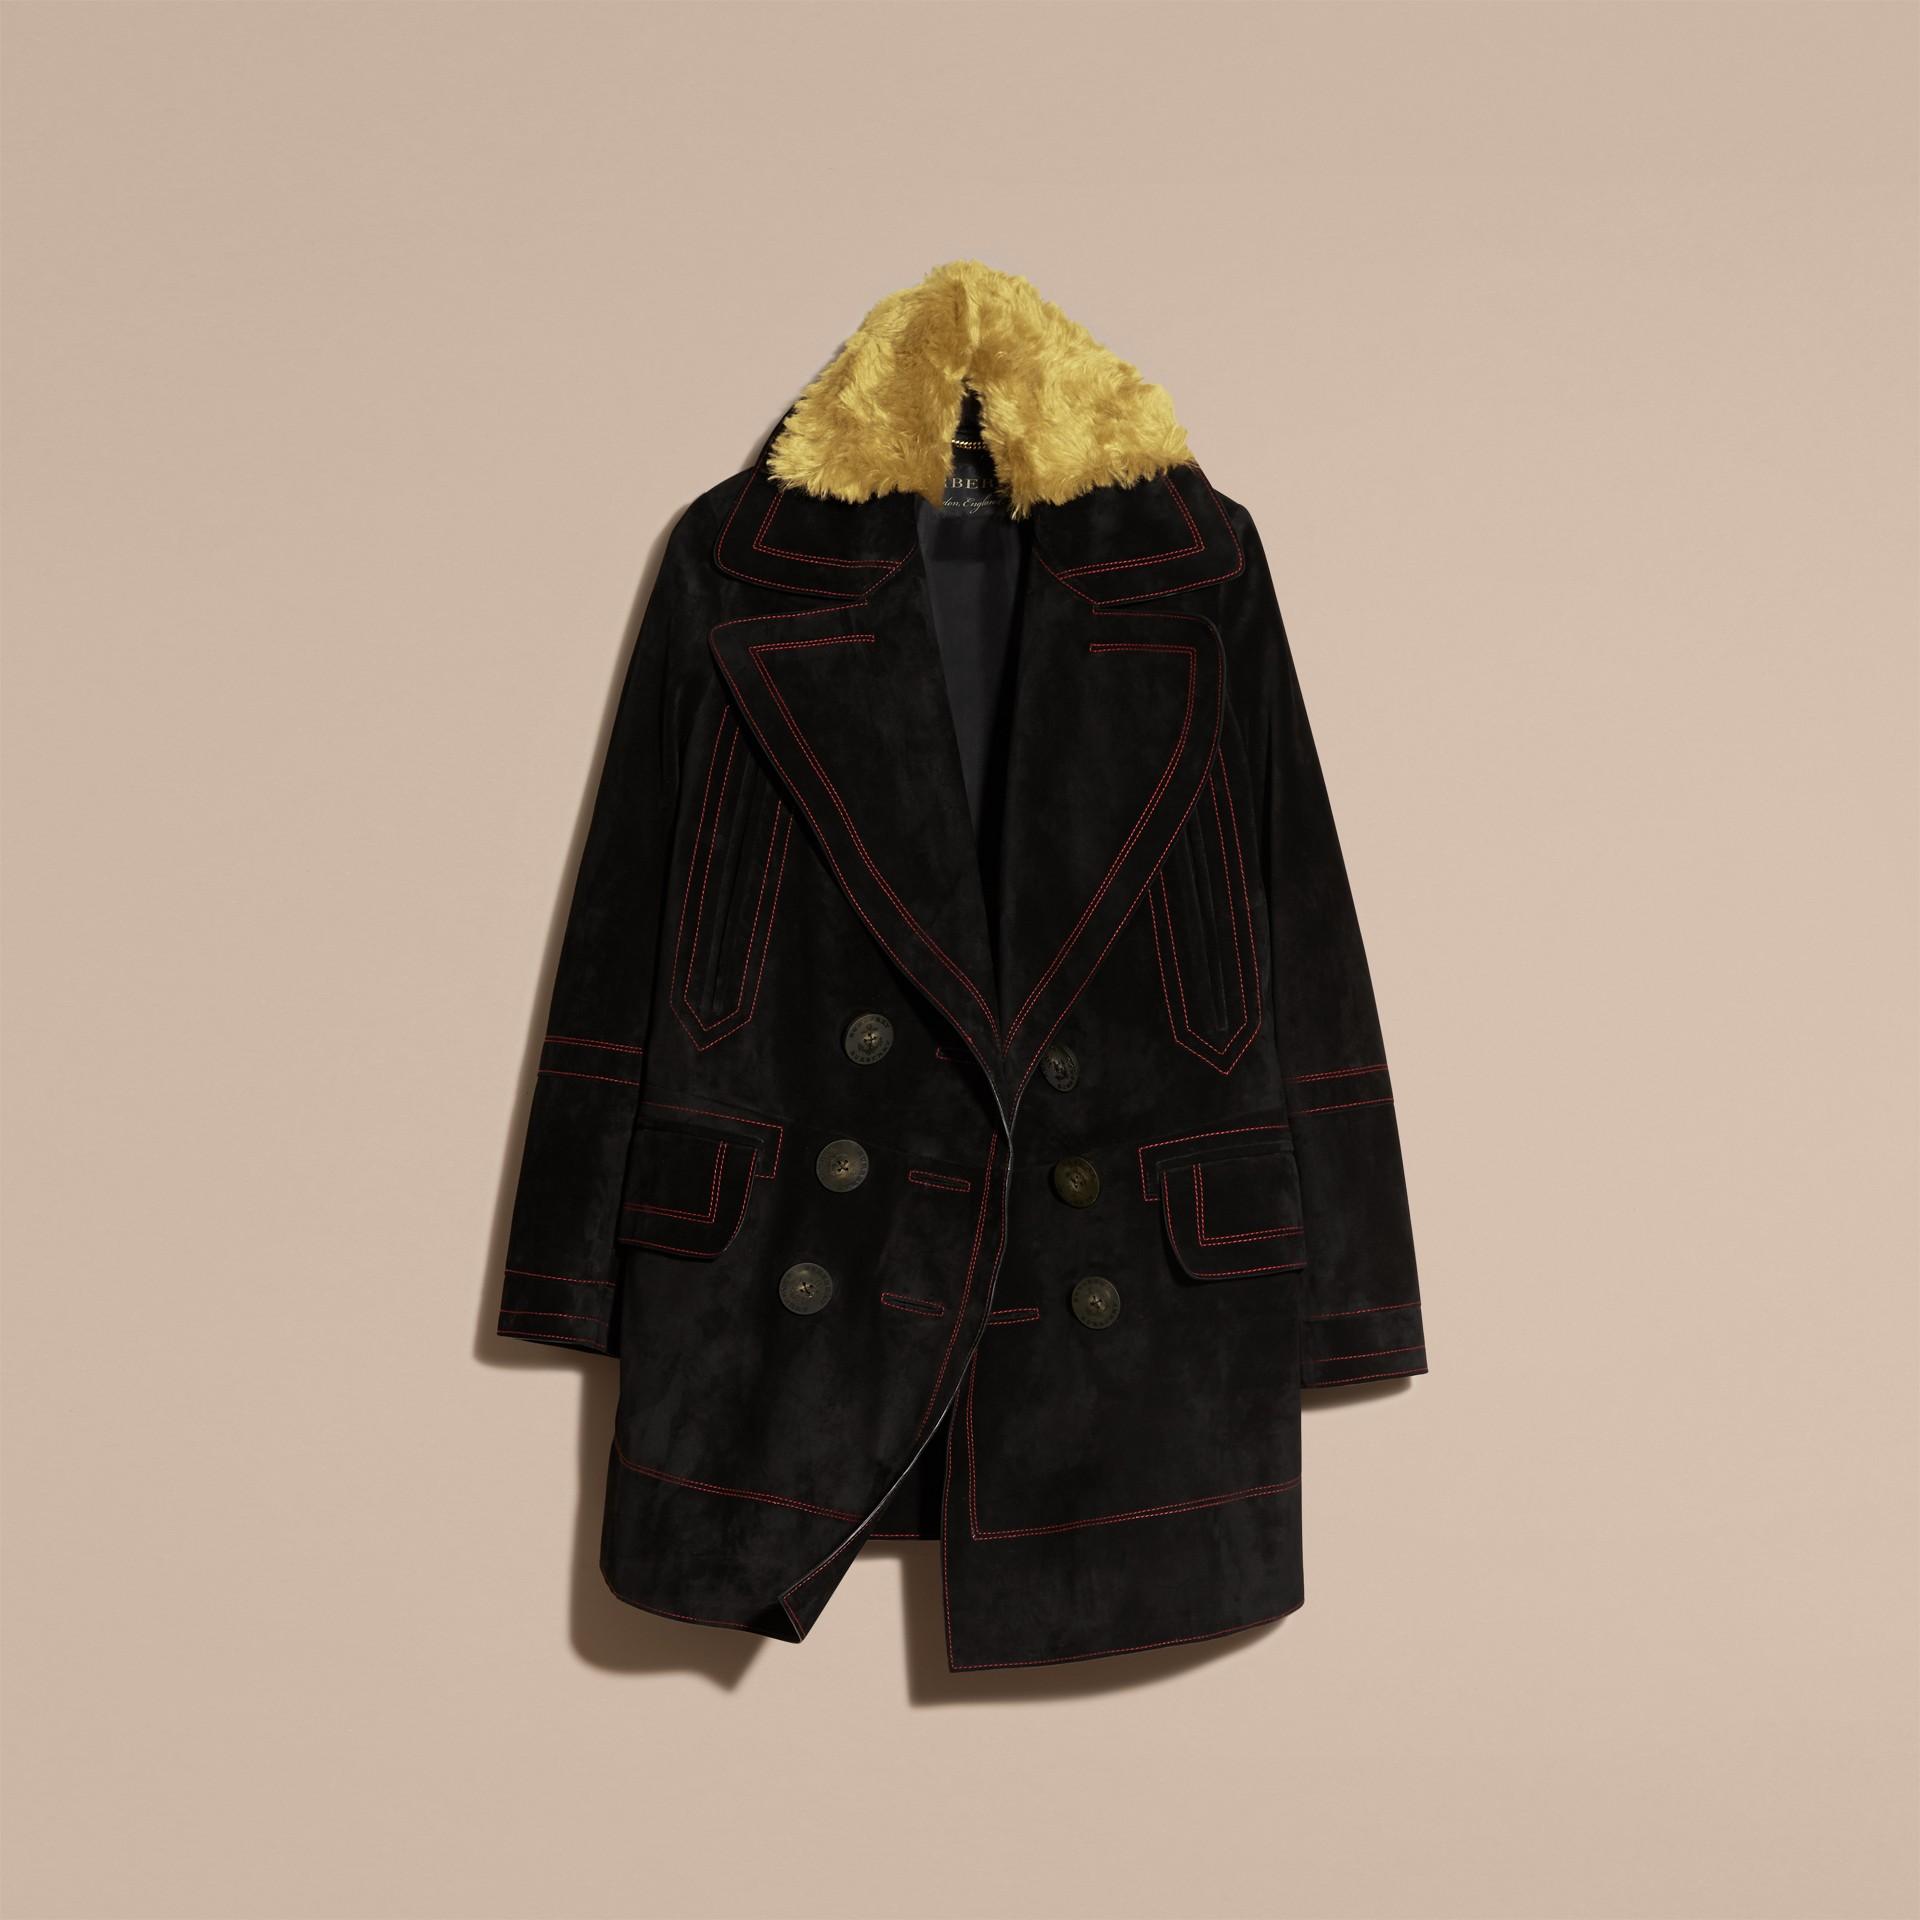 Noir Caban en cuir velours avec surcol en shearling - photo de la galerie 4